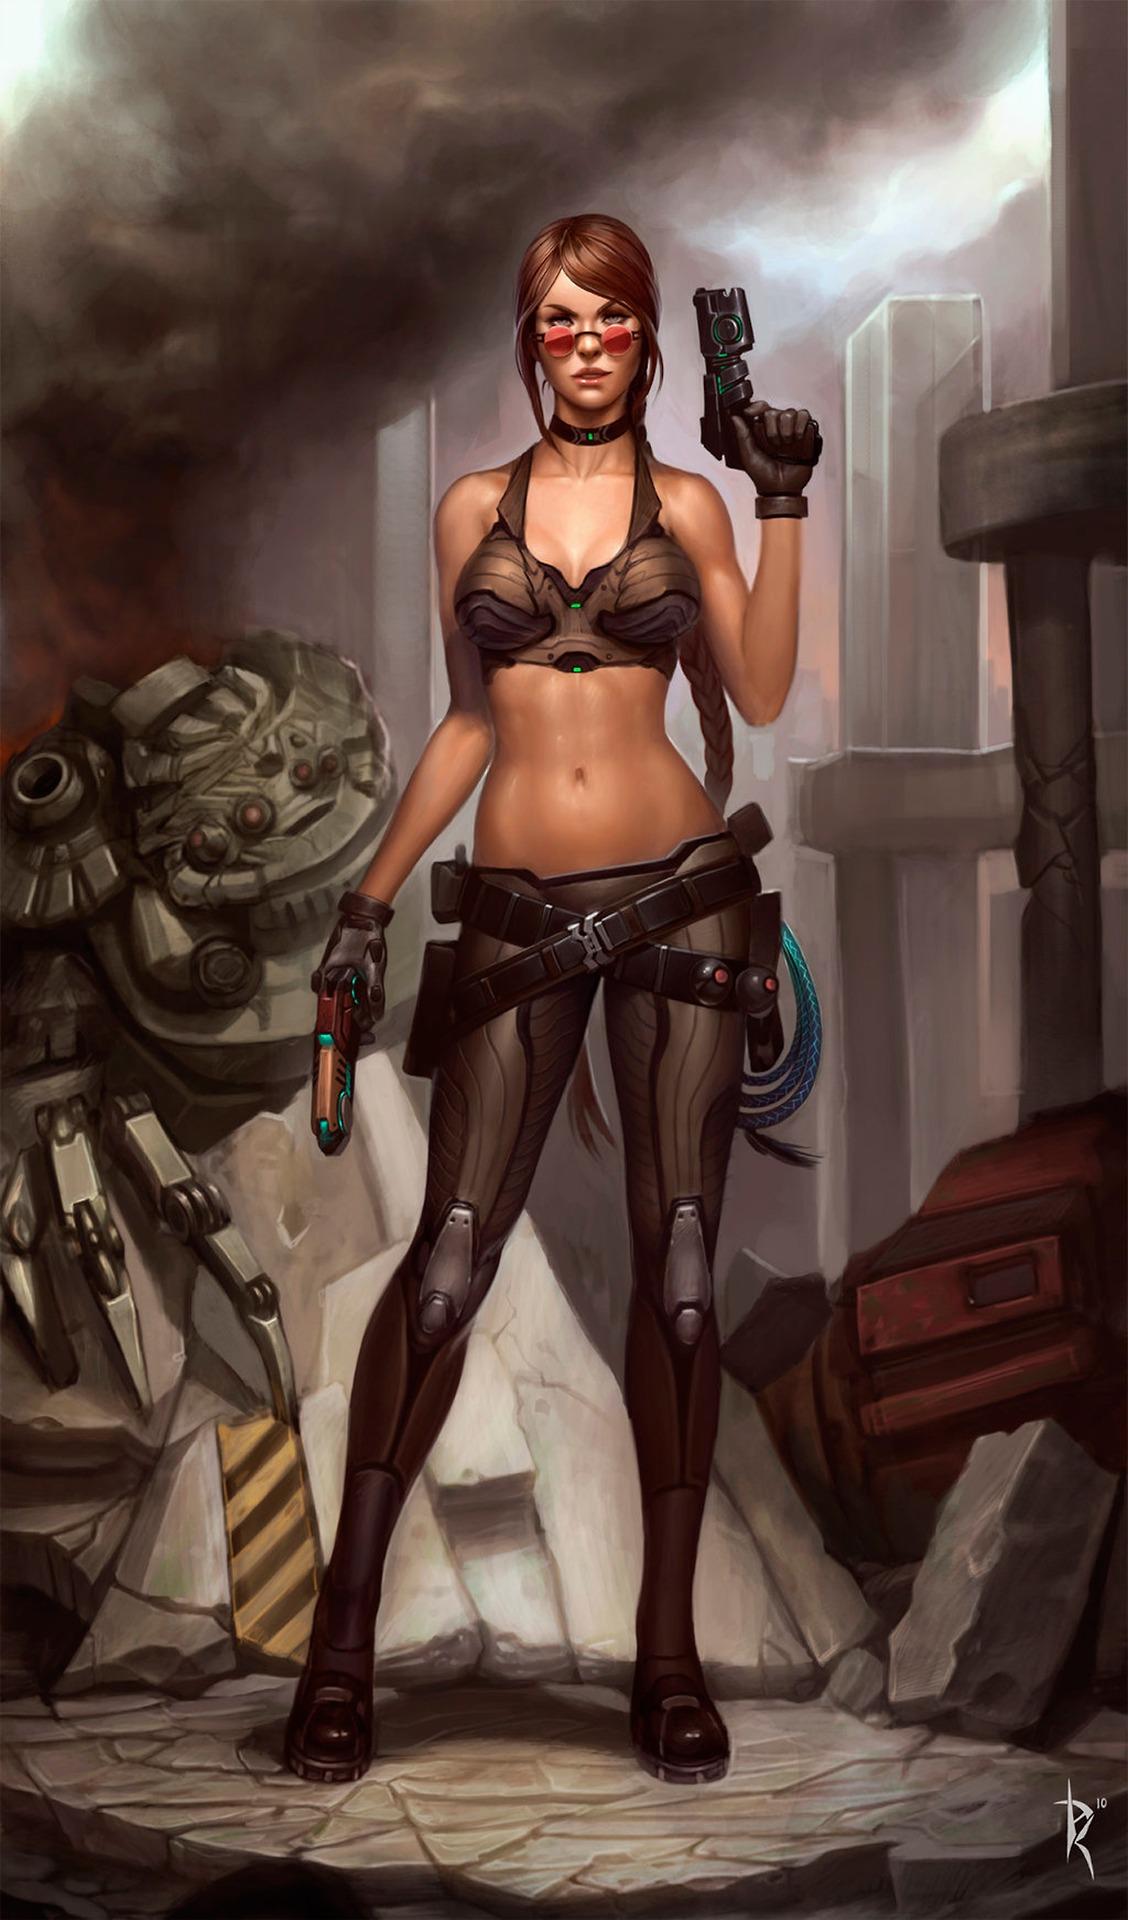 art-красивые-картинки-песочница-красивых-картинок-Lara-Croft-599439